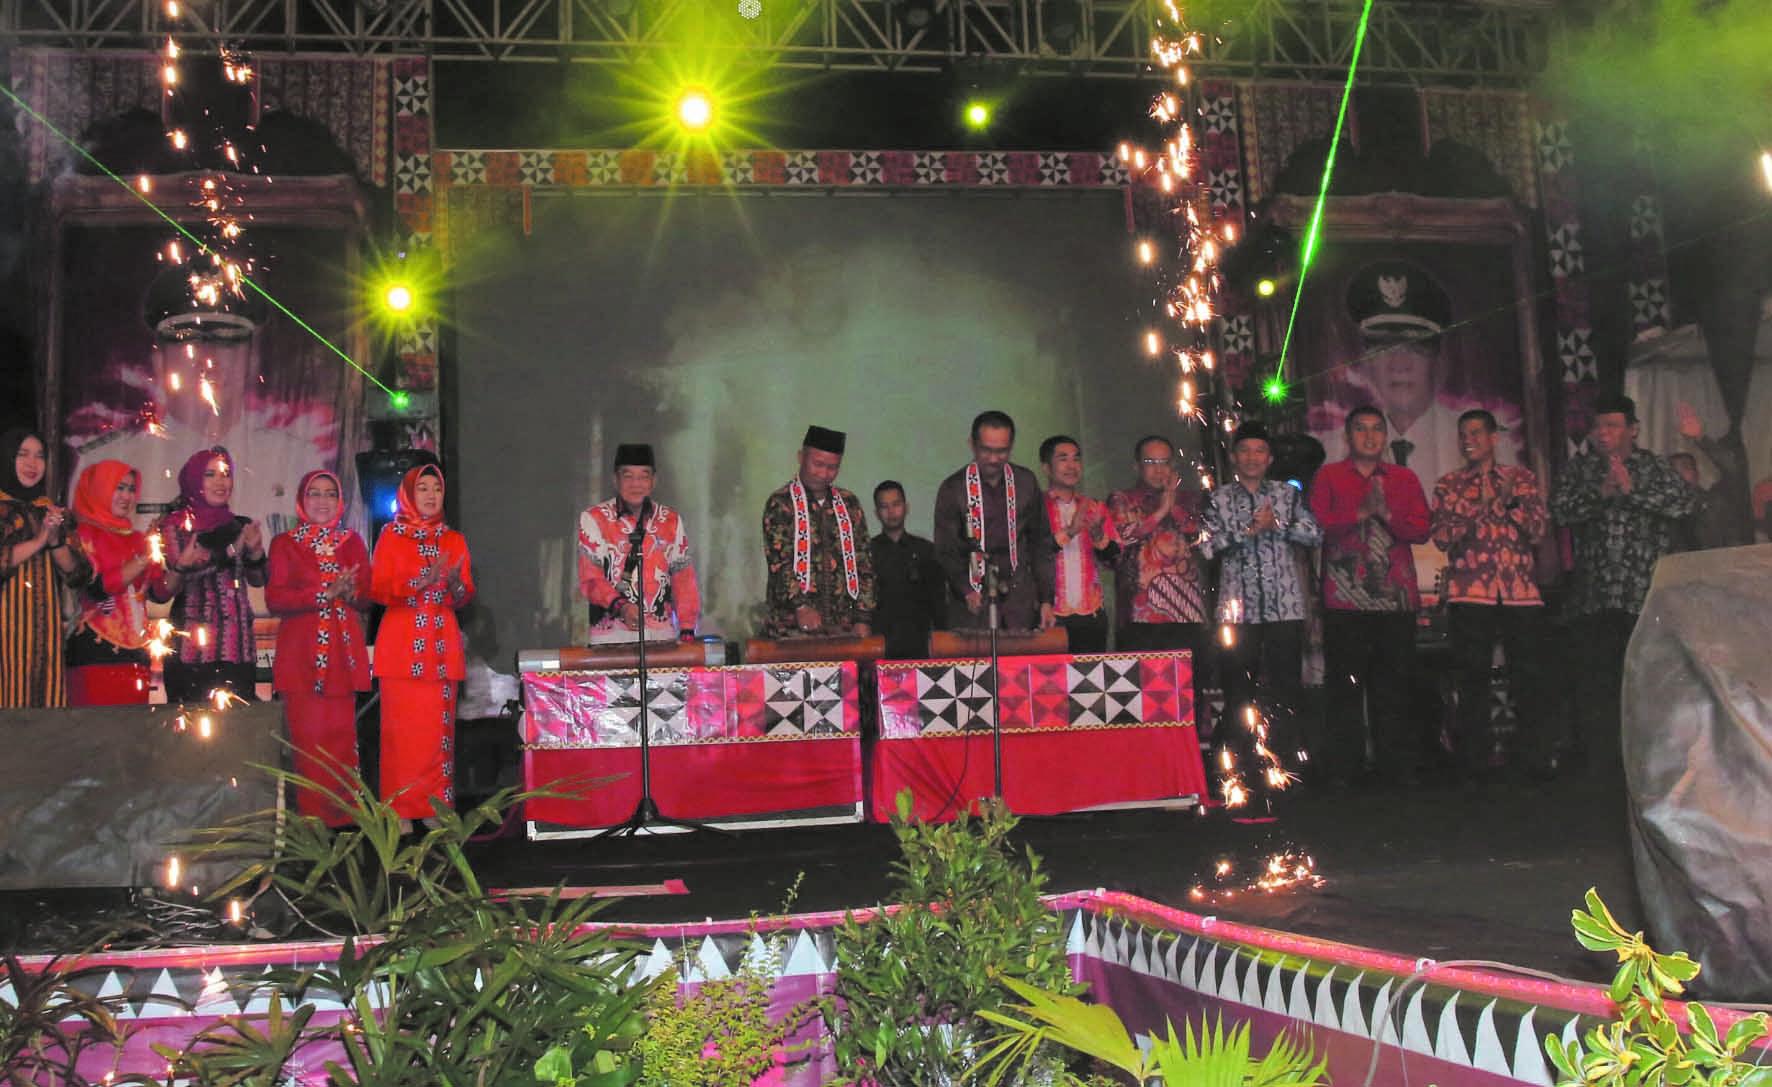 Festival Sekala Bkhak IV dan Liwa Fair Ajang Promosi Wisata dan Budaya